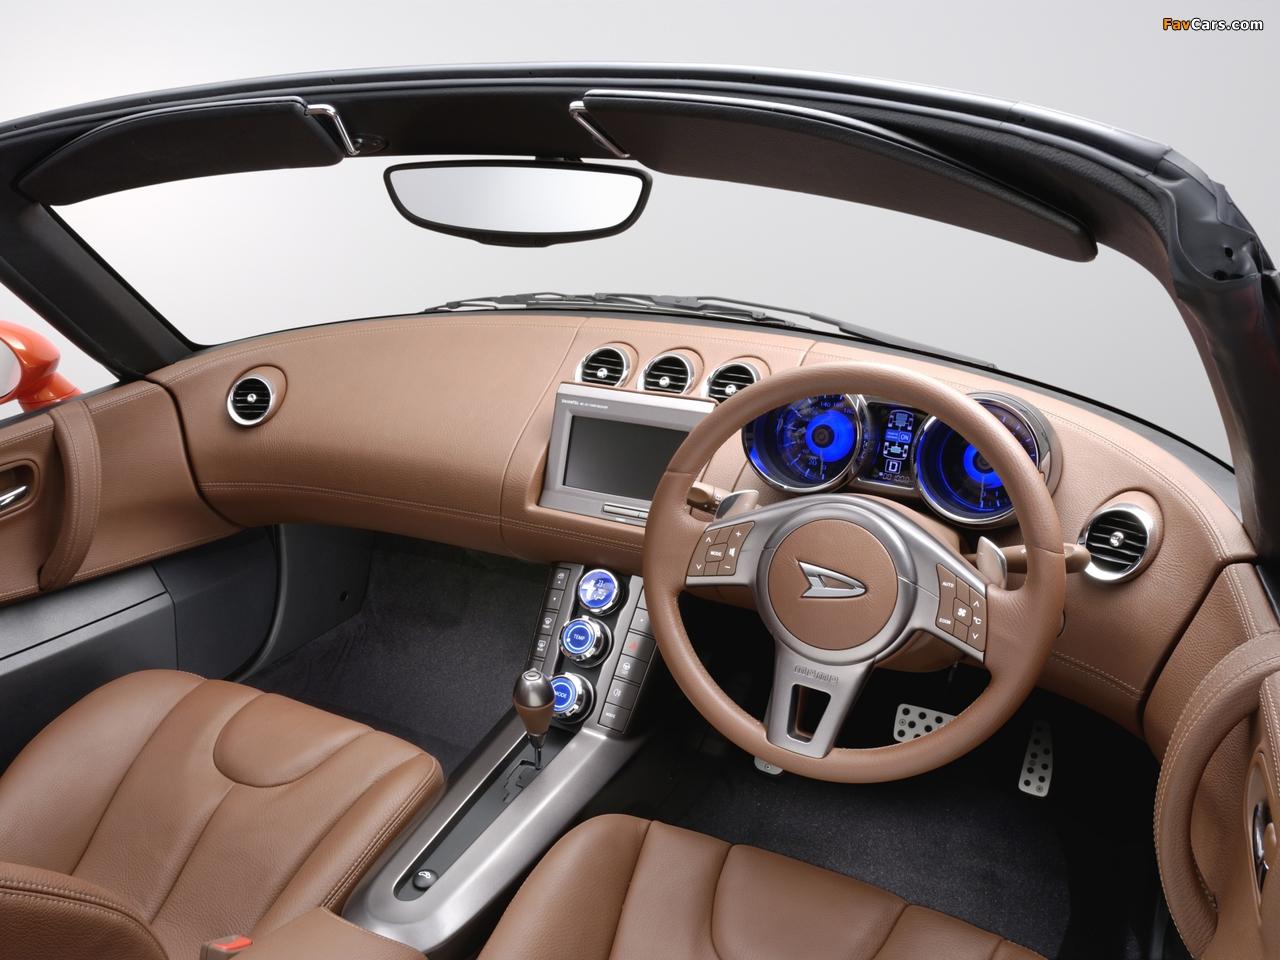 Daihatsu HVS Concept 2005 pictures (1280 x 960)